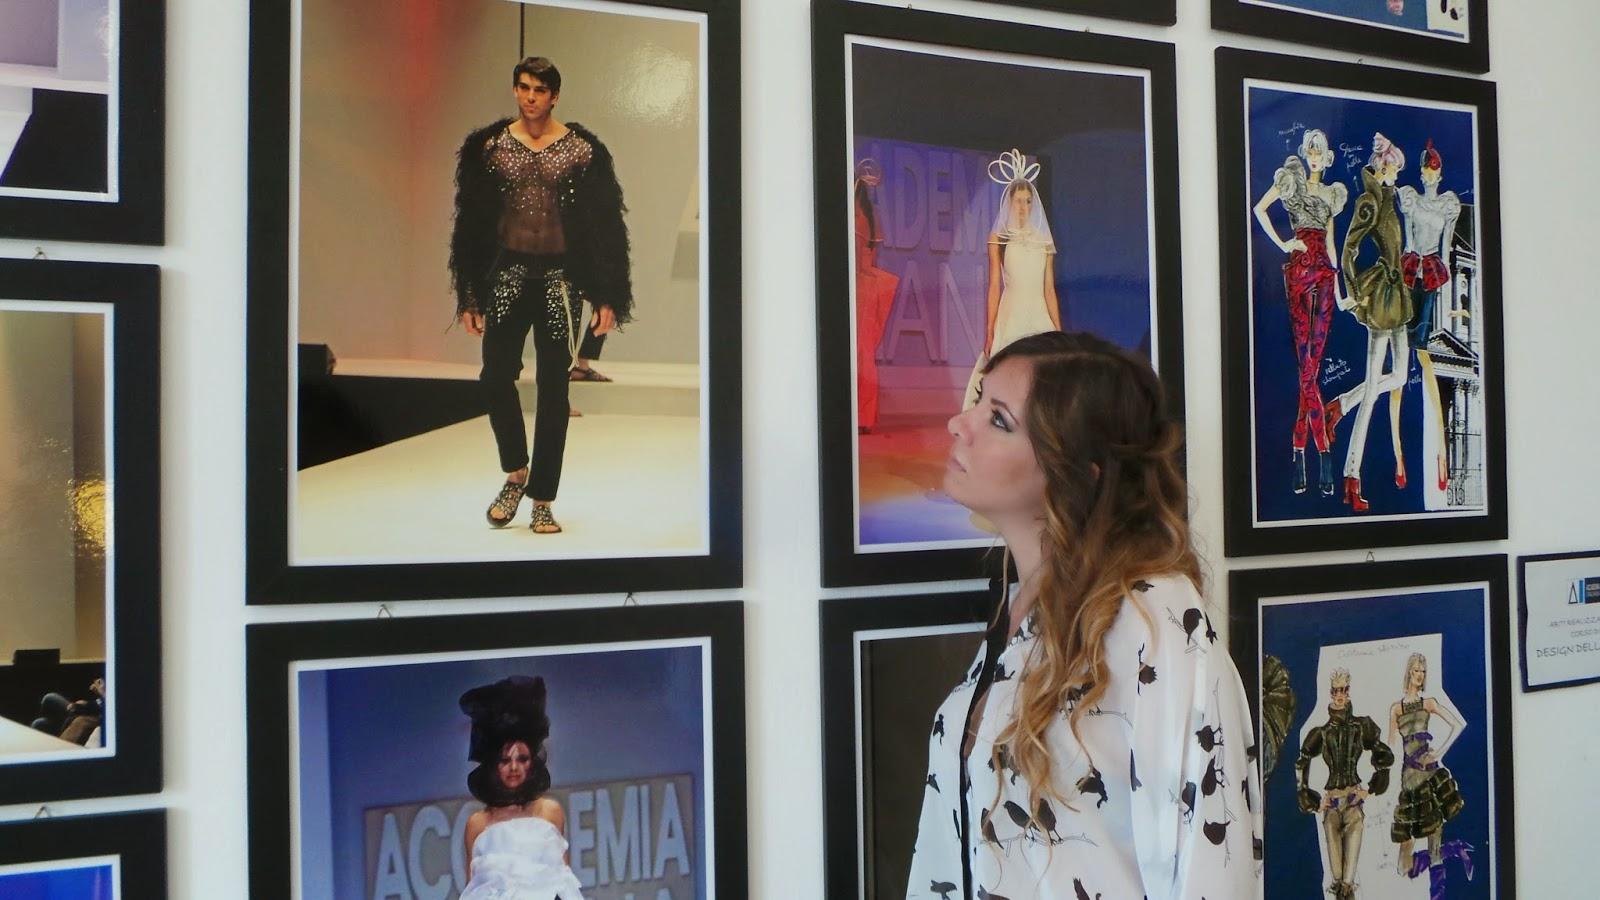 Le stanze della moda mostre di moda a roma ci pensano for Accademia della moda milano